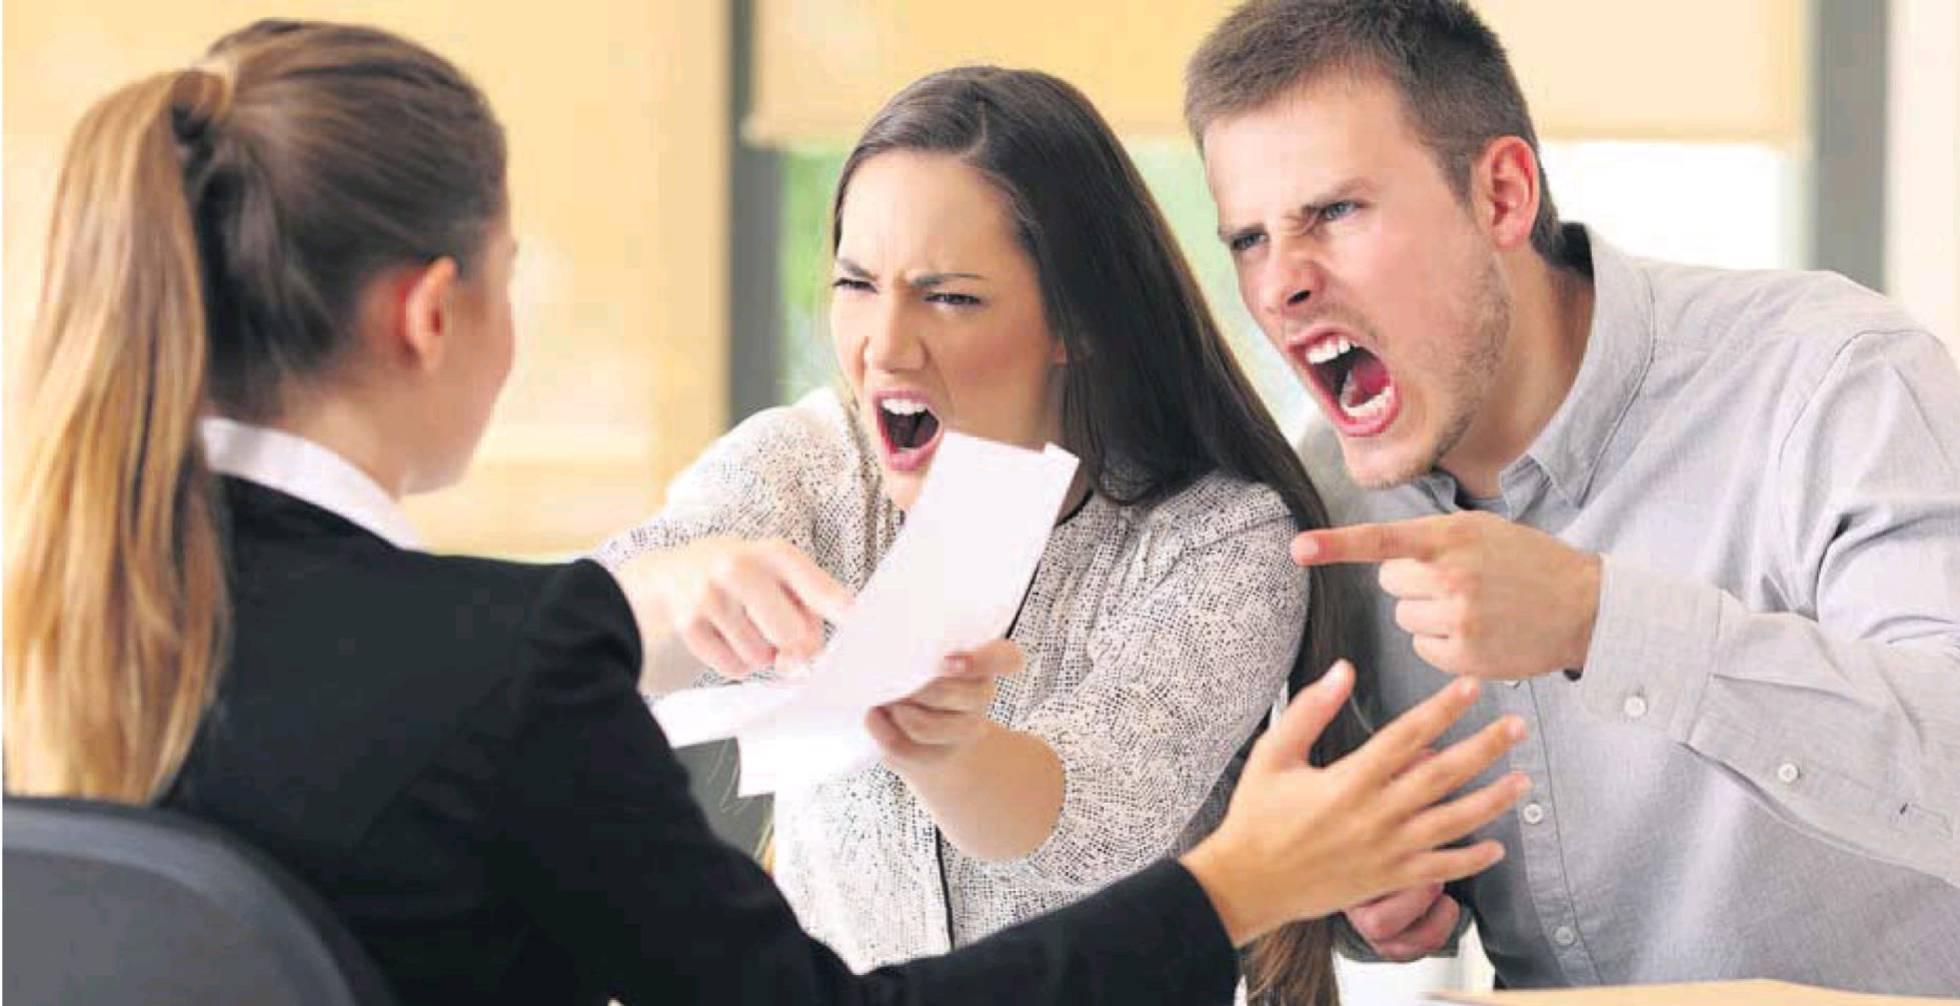 Los honorarios, fuera del delito de apropiación indebida de los abogados